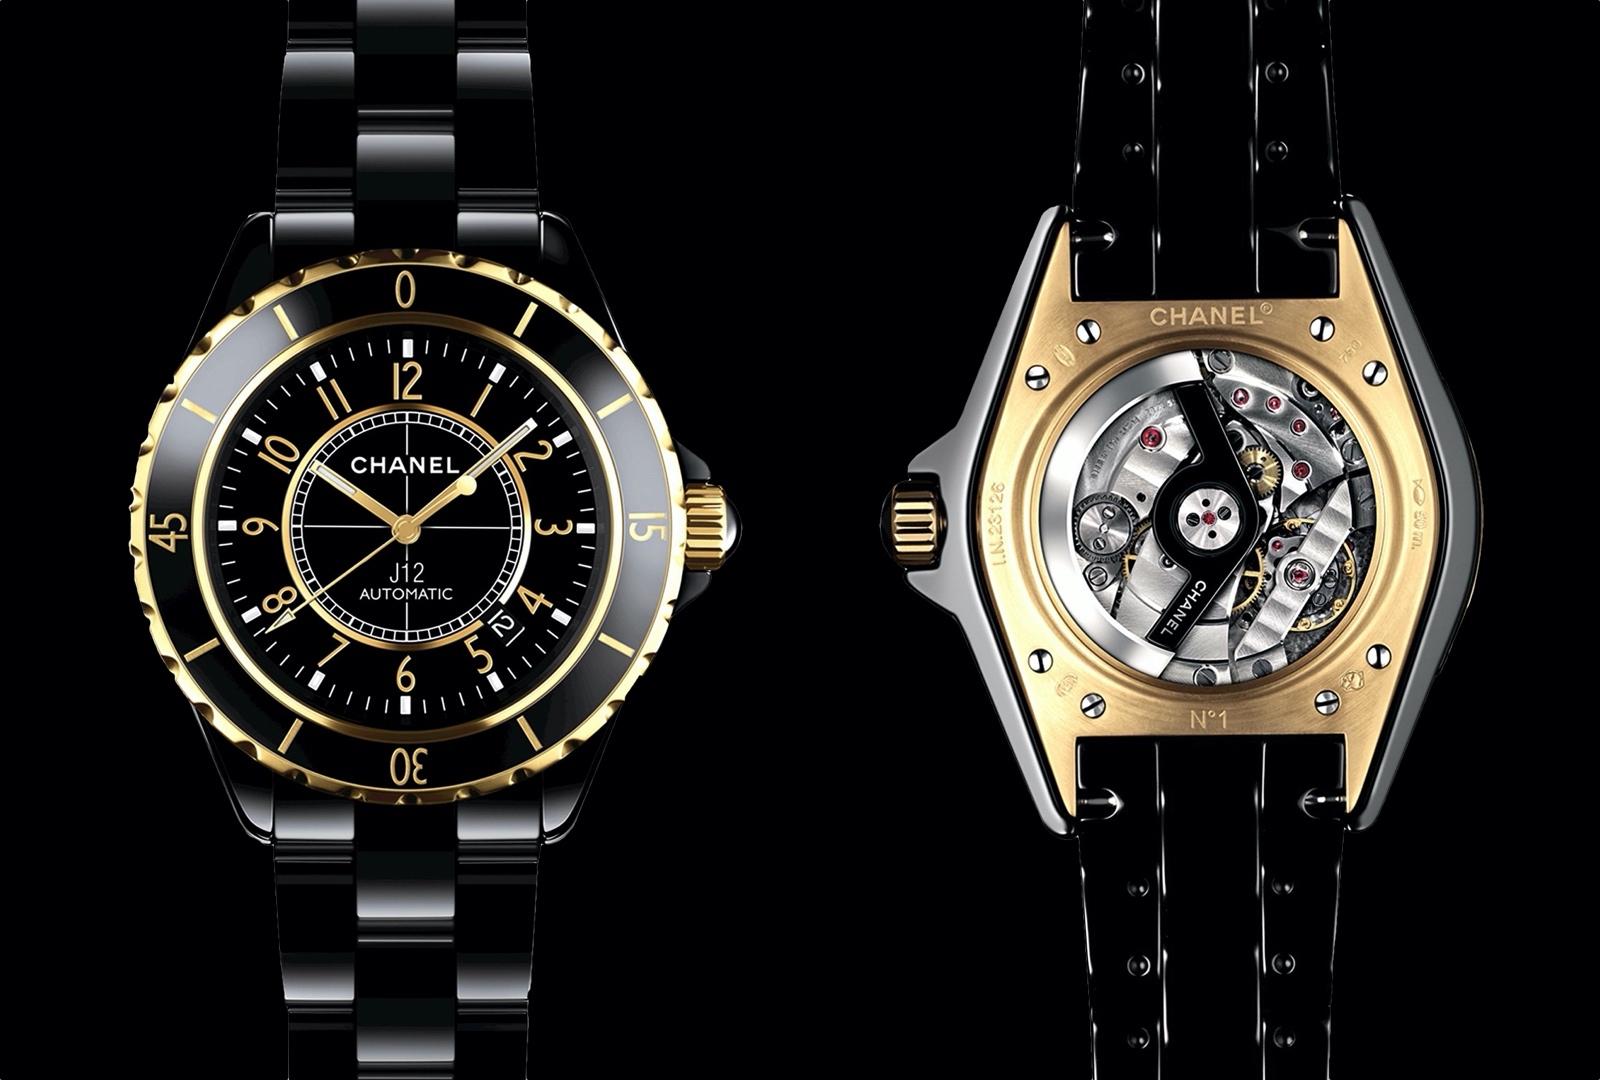 Historia del Chanel J12 - 2008 J12 Calibre 3125 H2129